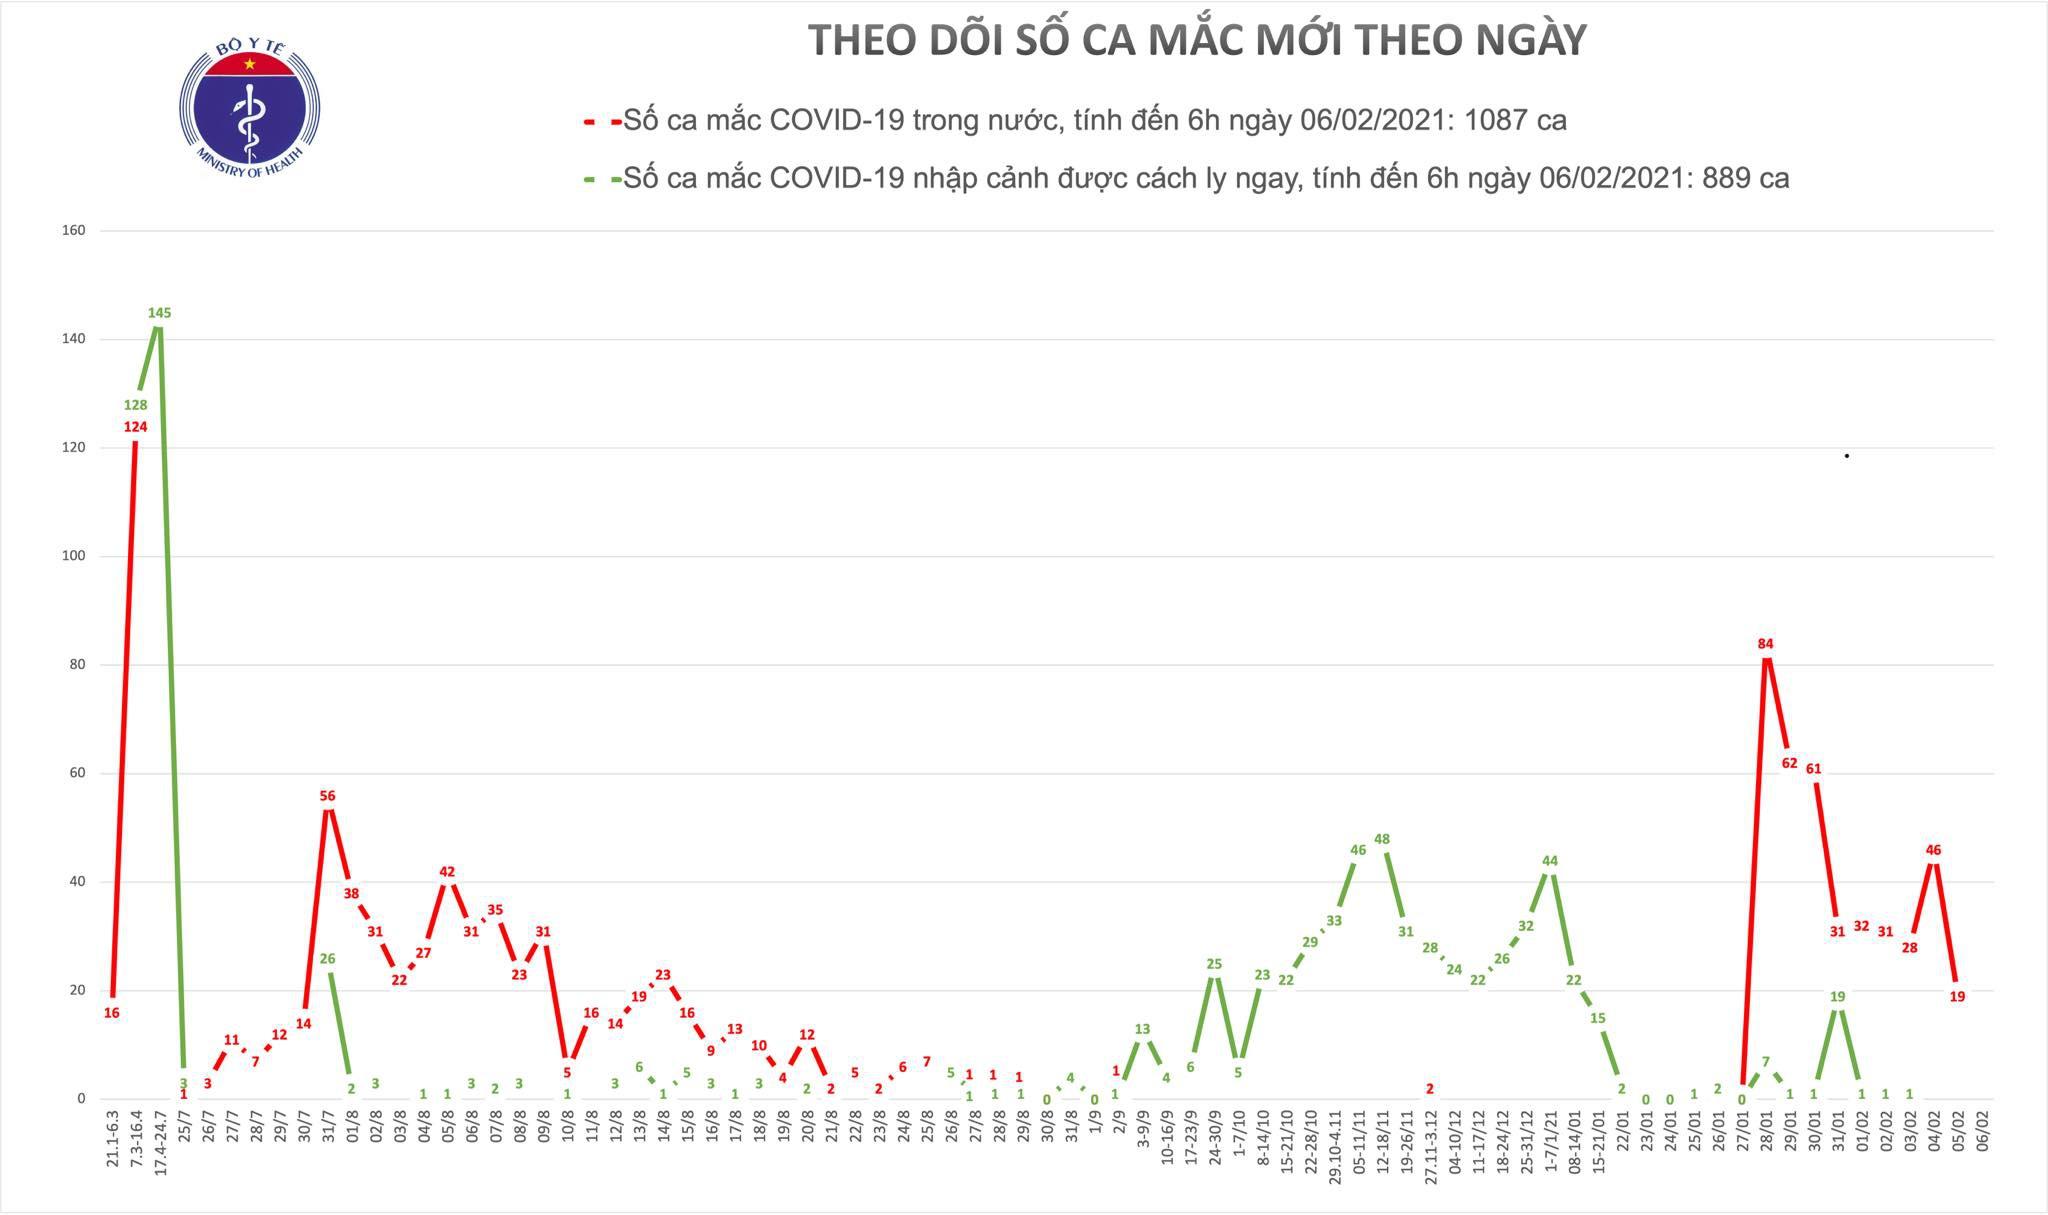 Sáng 6/2, Việt Nam không ghi nhận ca mắc Covid-19 mới